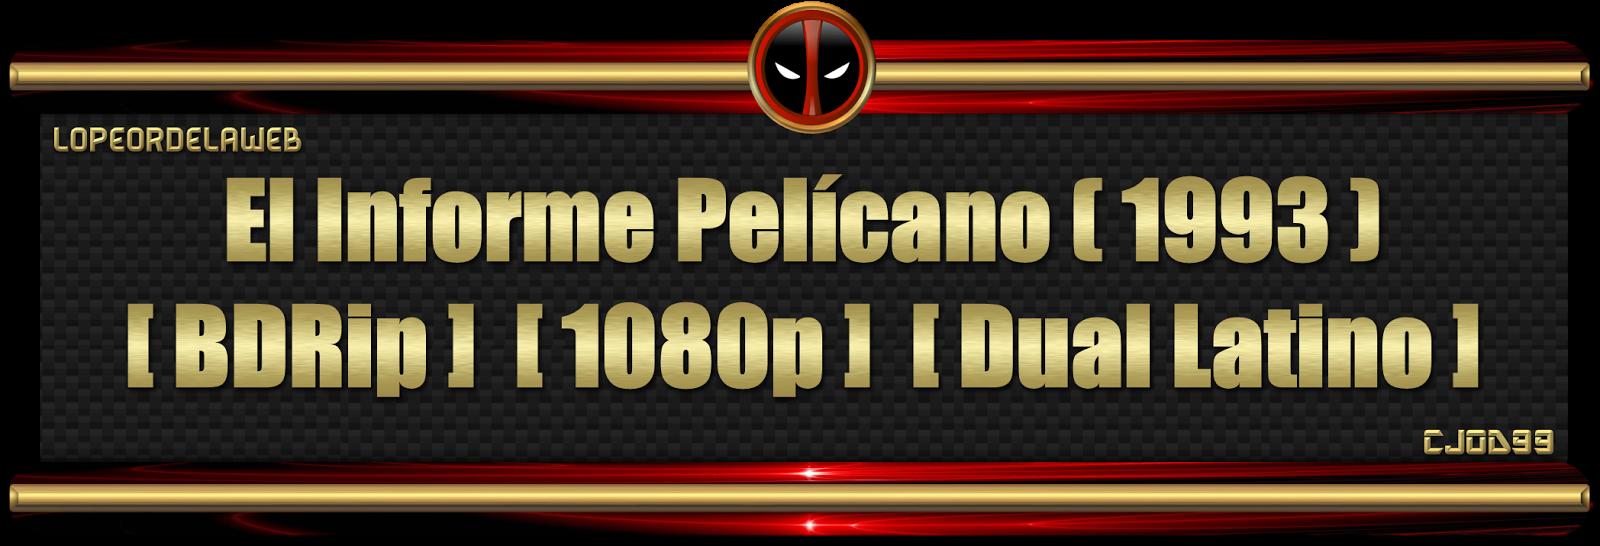 El Informe Pelicano [BDRip][1080p][Dual Latino]